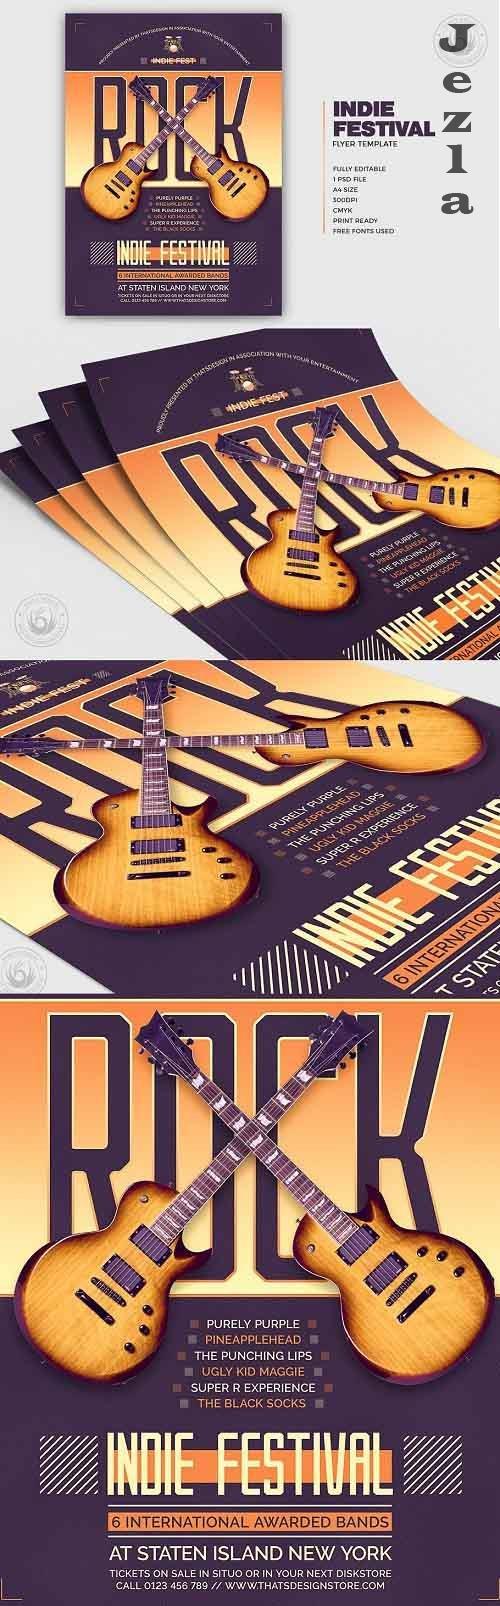 Indie Fest Flyer Template V8 - 5314476